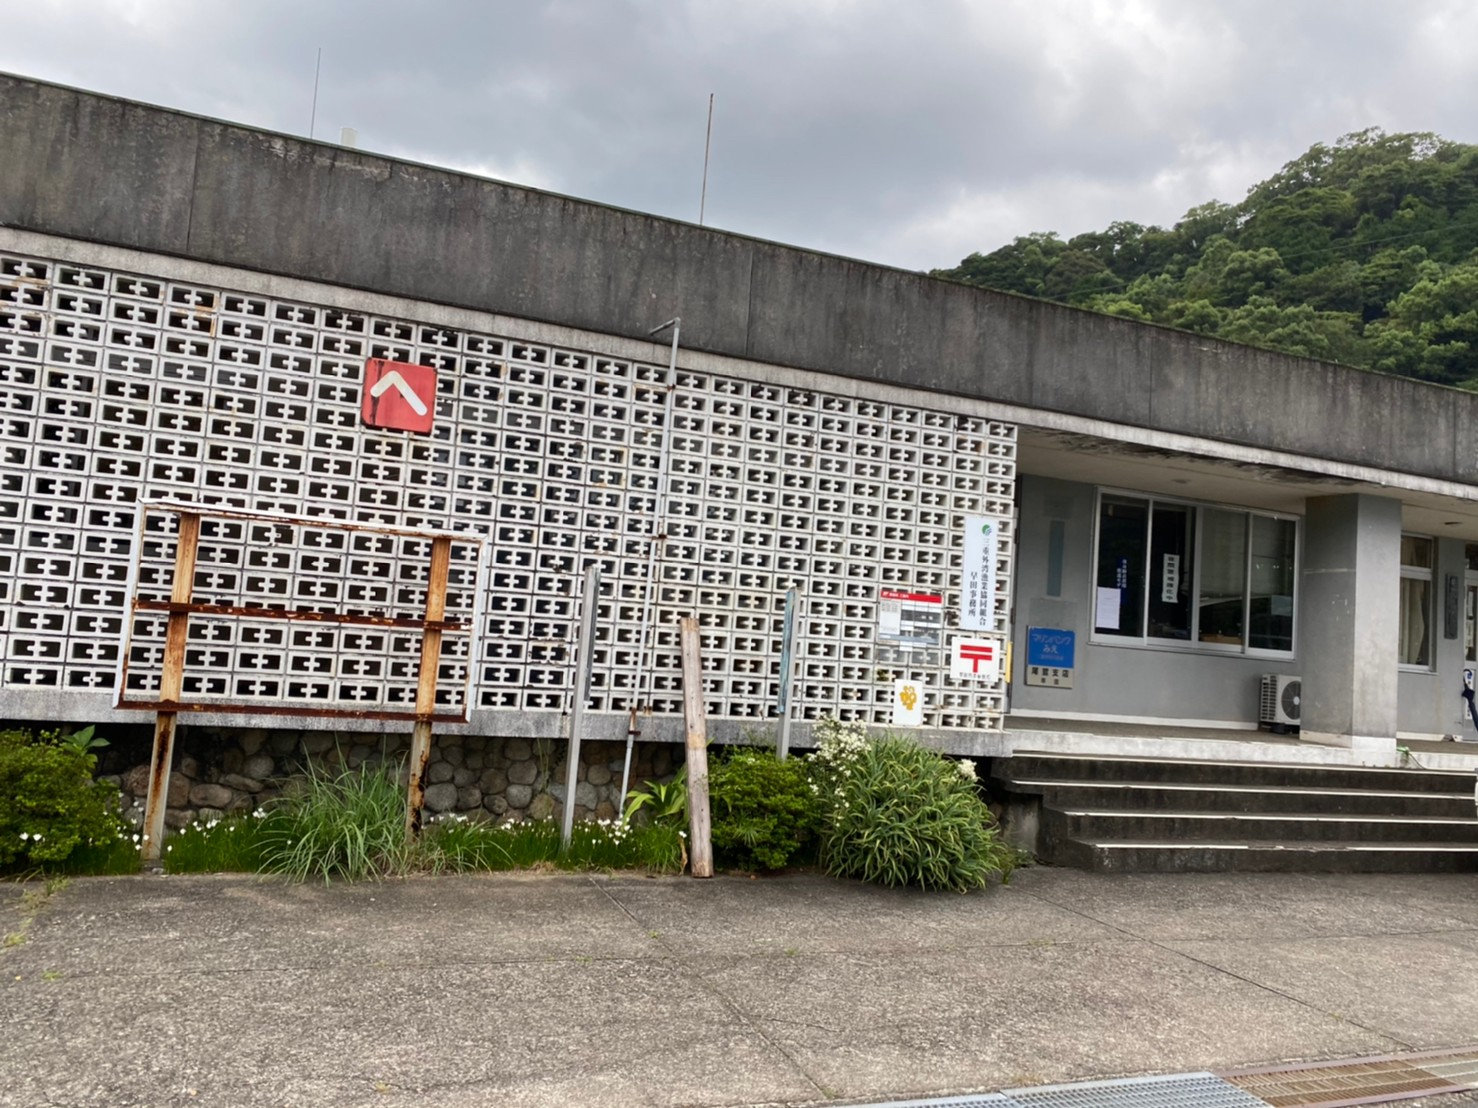 【三重県尾鷲市】『早田漁港』の海釣りガイド(釣れる魚・駐車場・トイレ)